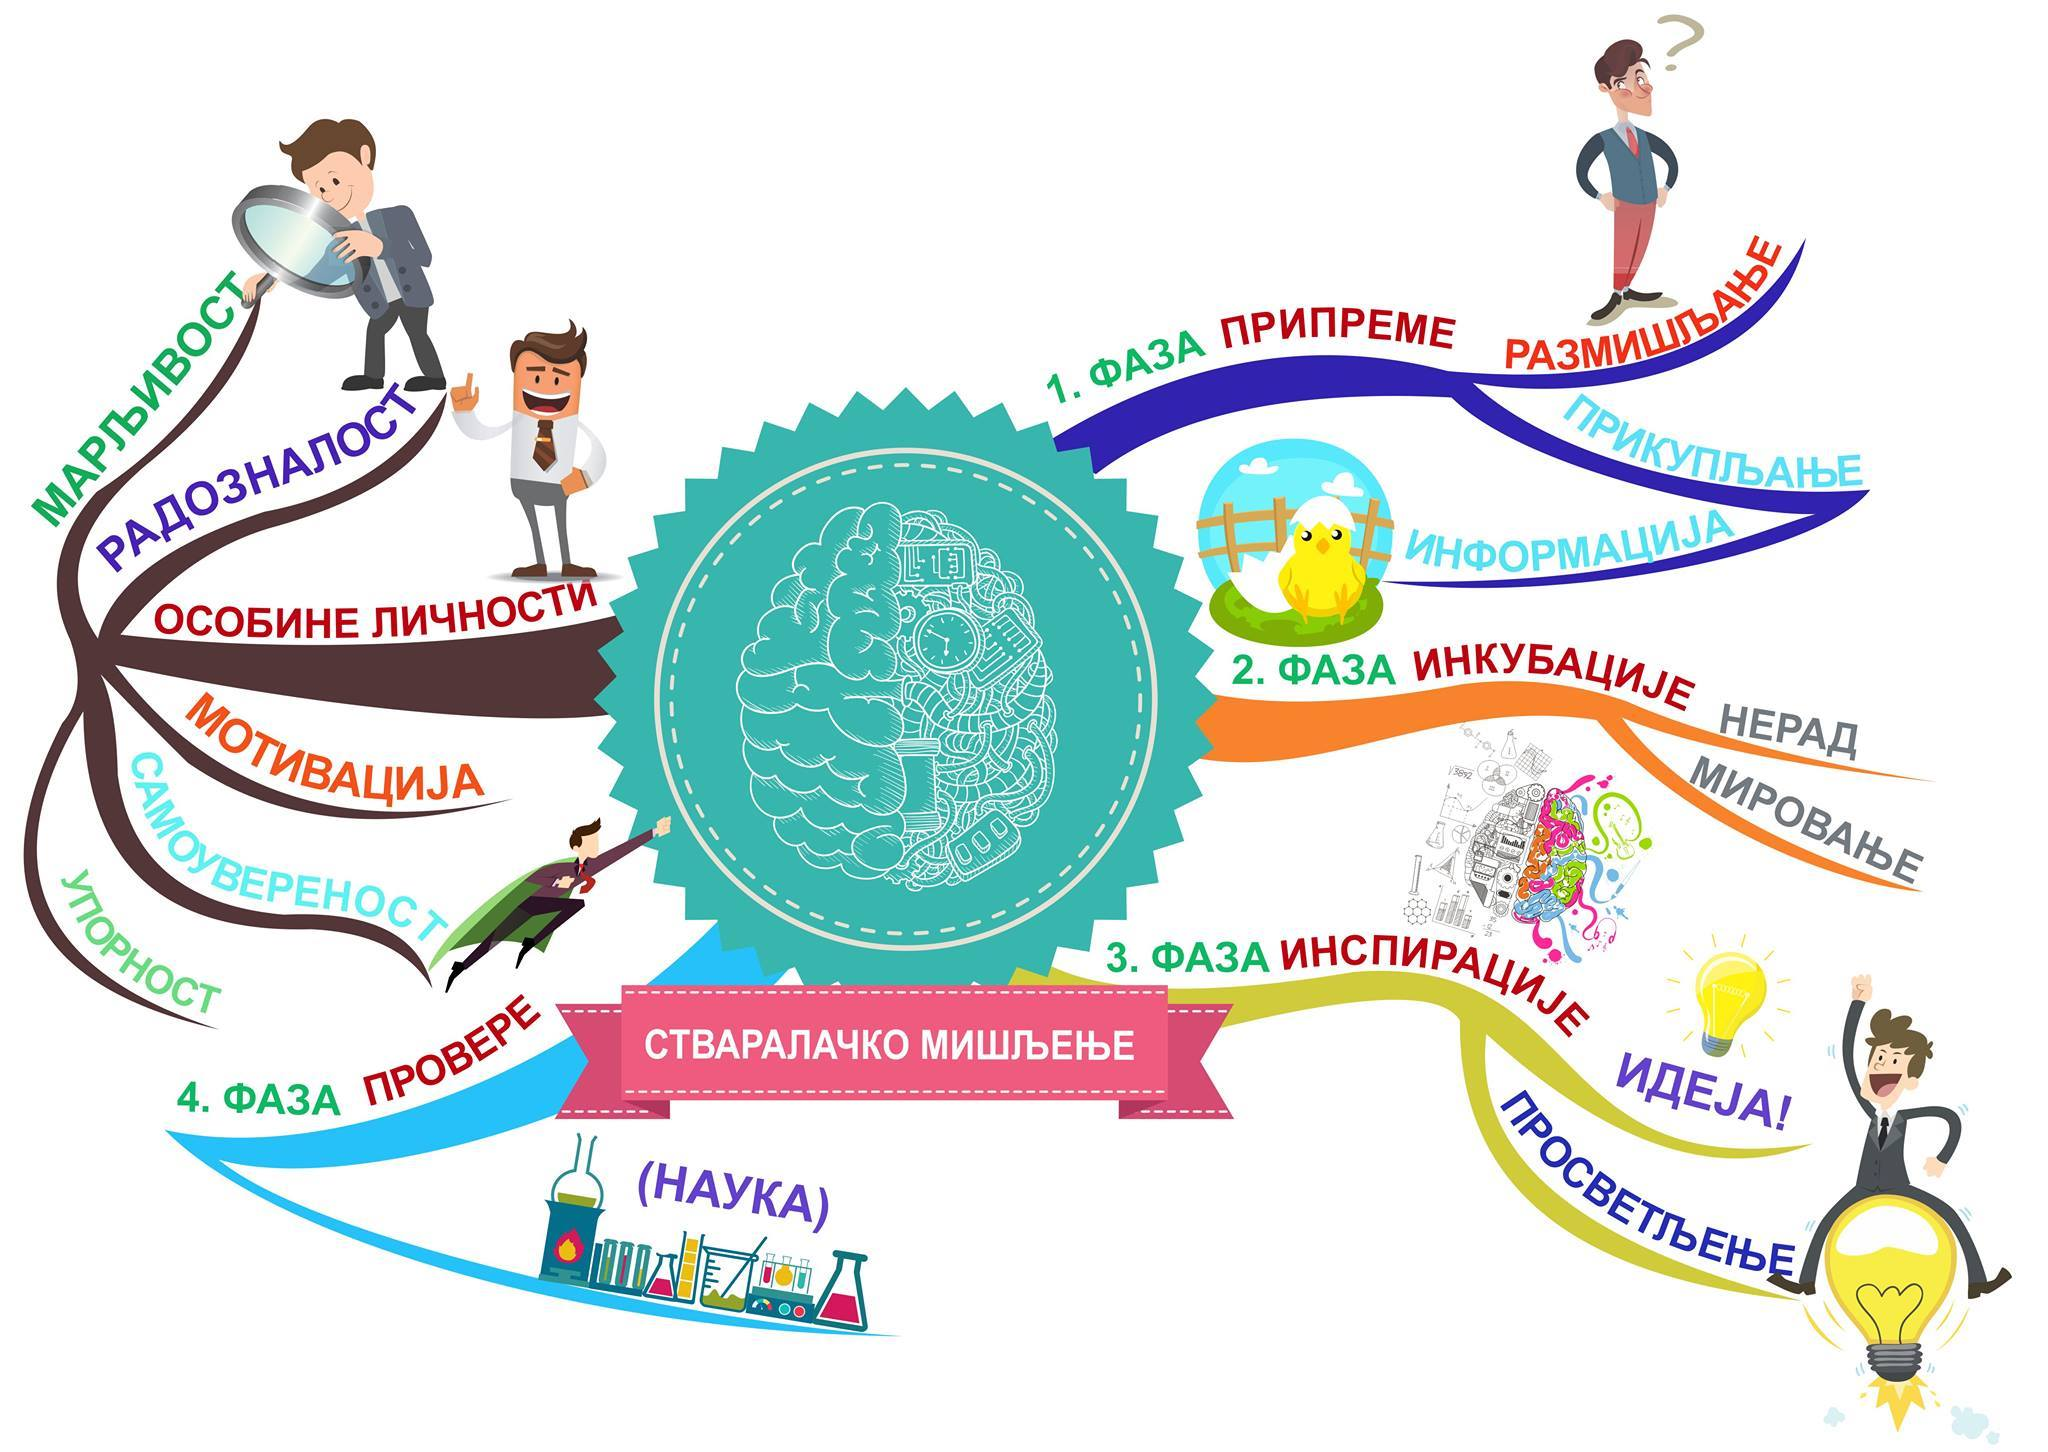 Mapa uma stvaralačkog mišljenja